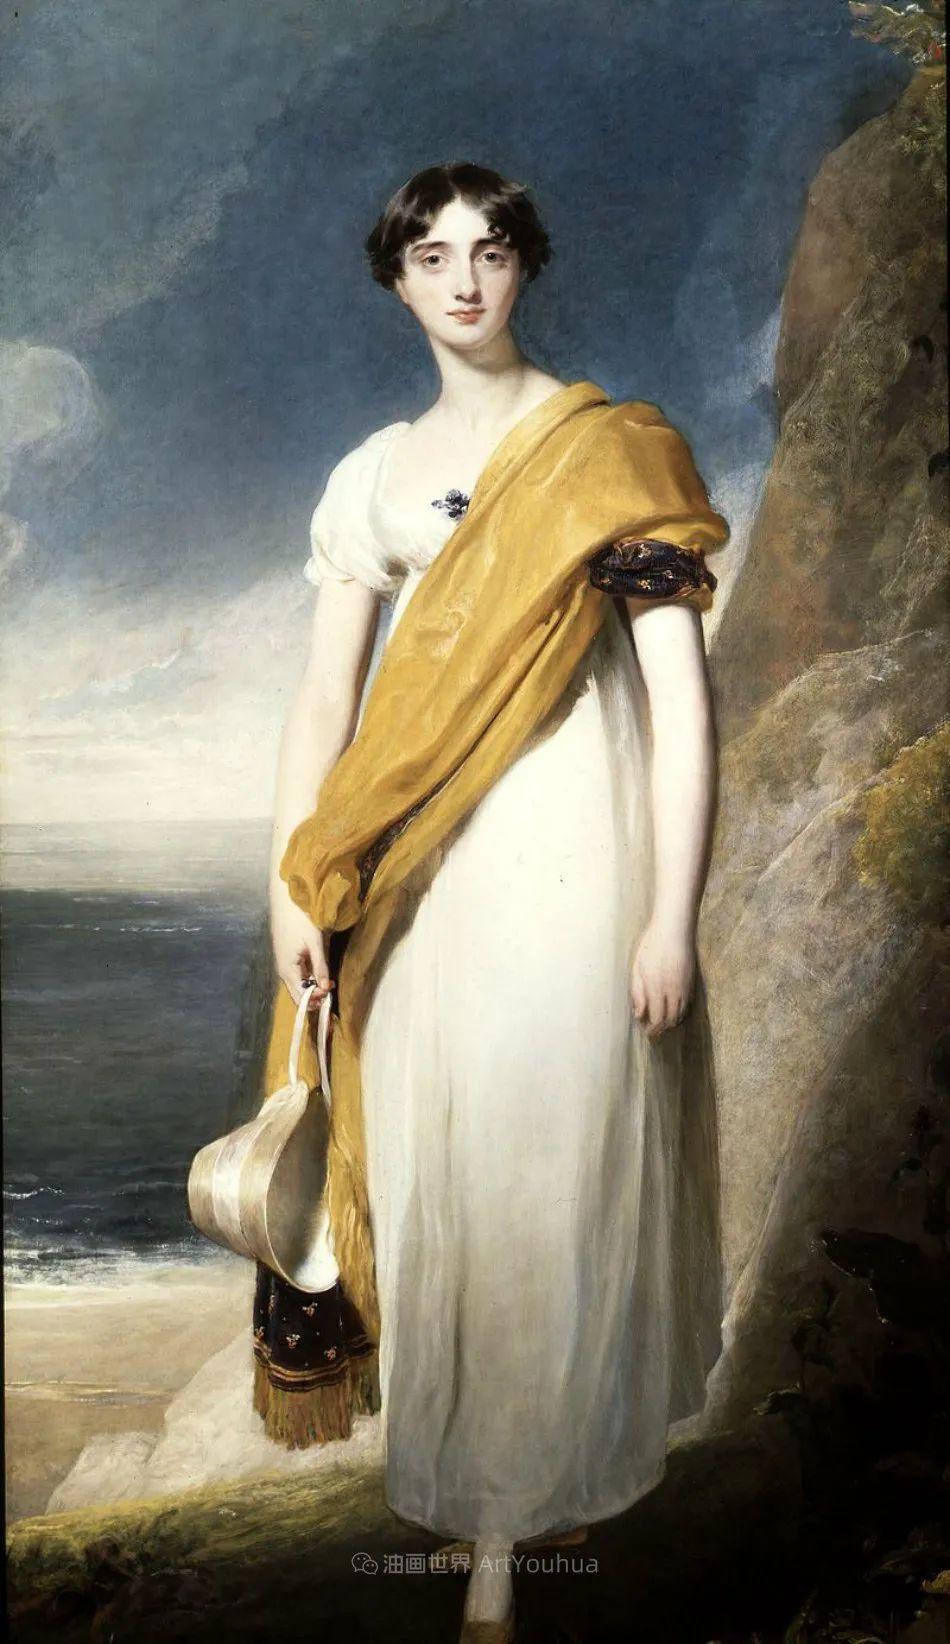 两百年前华丽风格的女性肖像,奔放的笔触、明亮的色彩!插图45